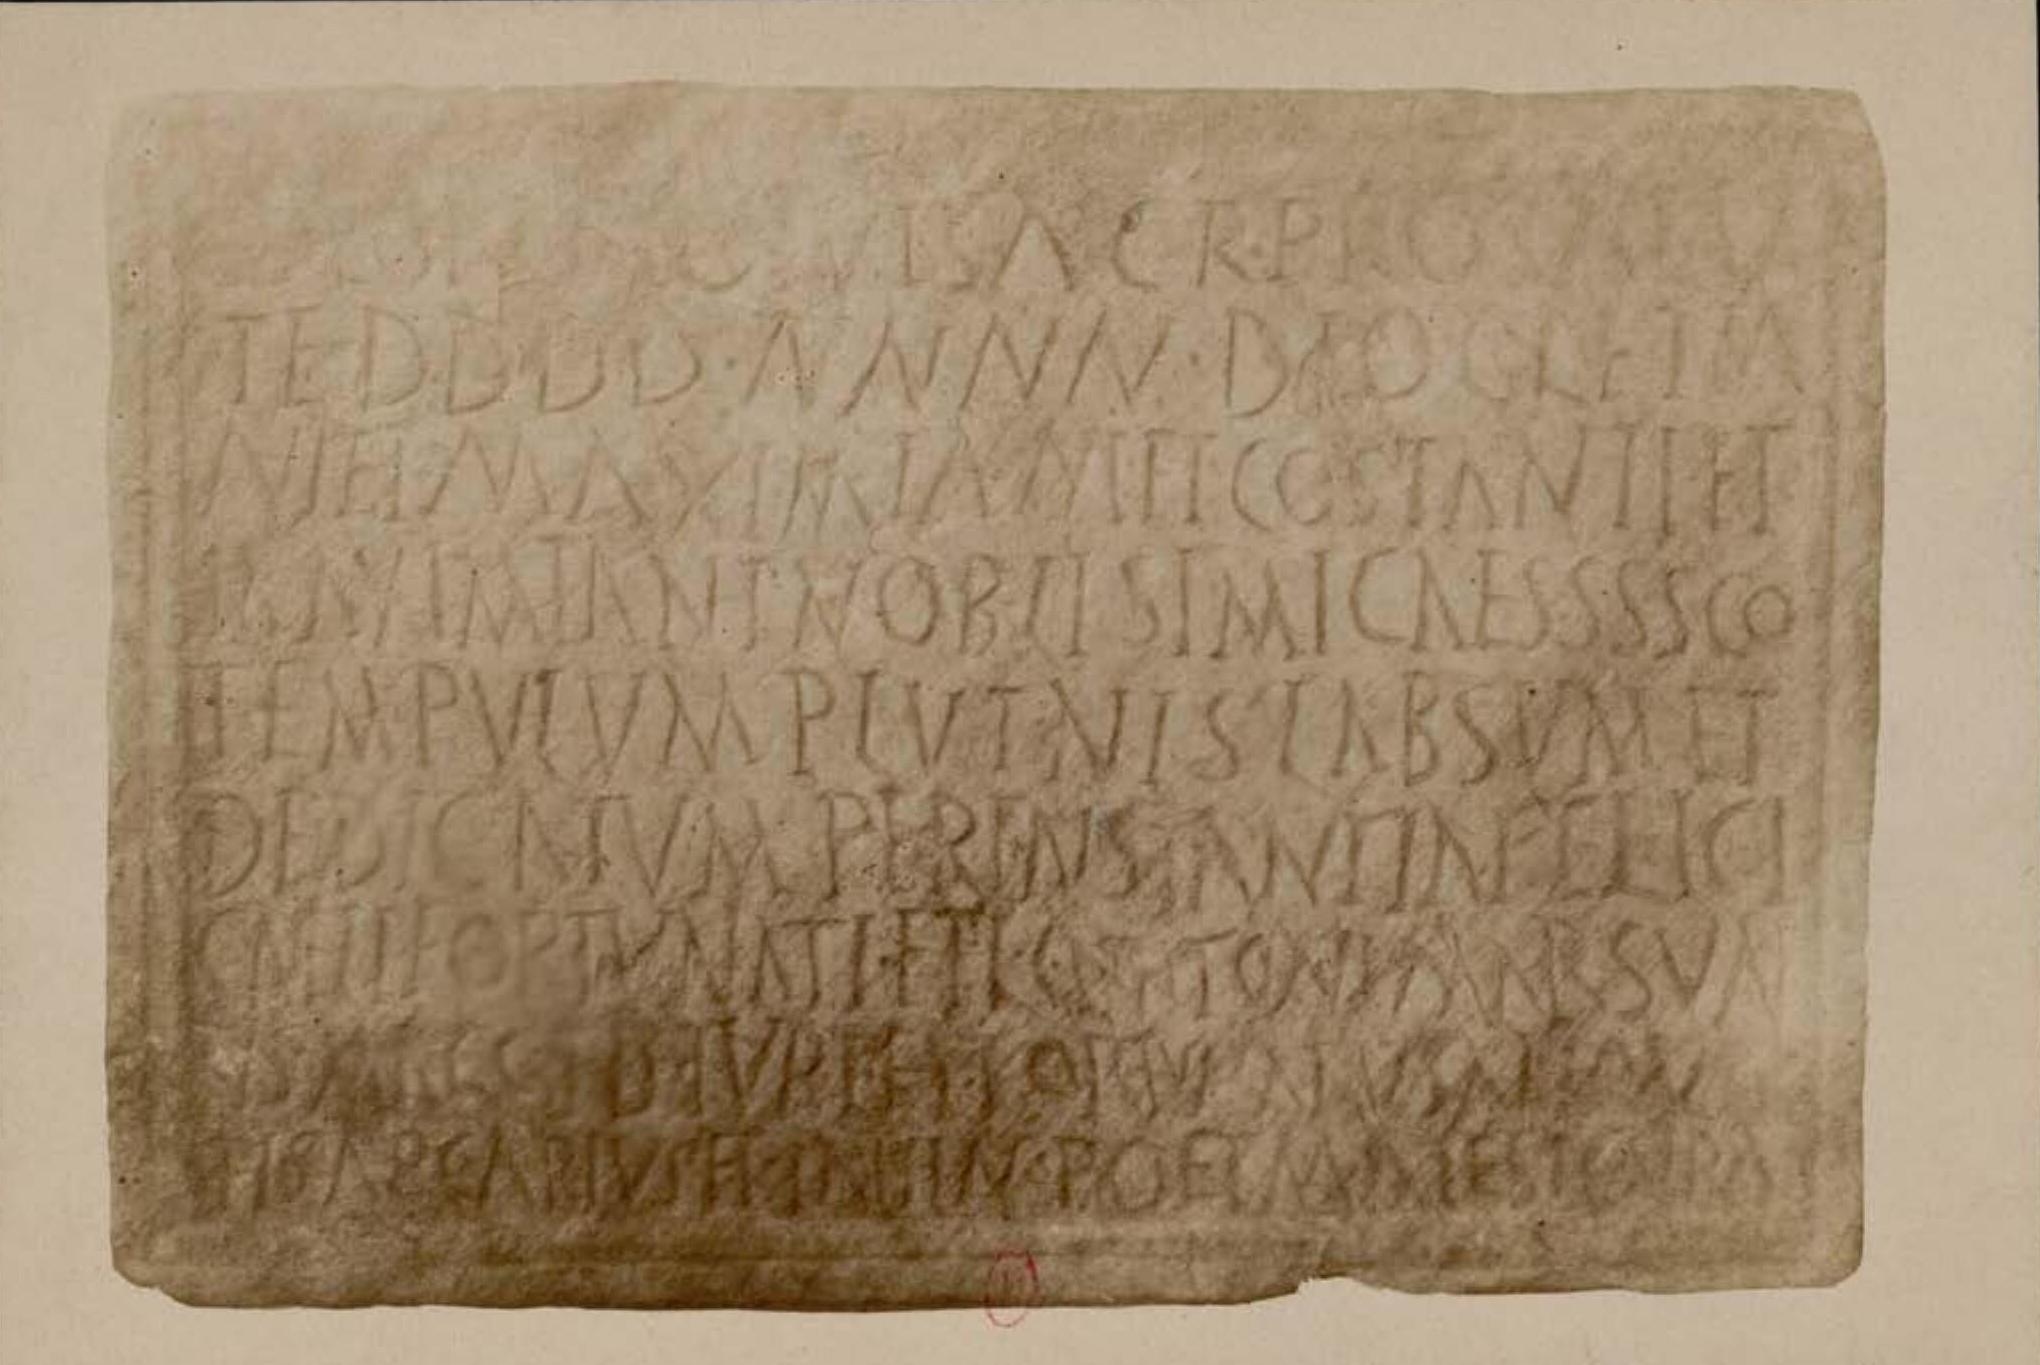 Археологическая миссия в Тунисе. Надпись